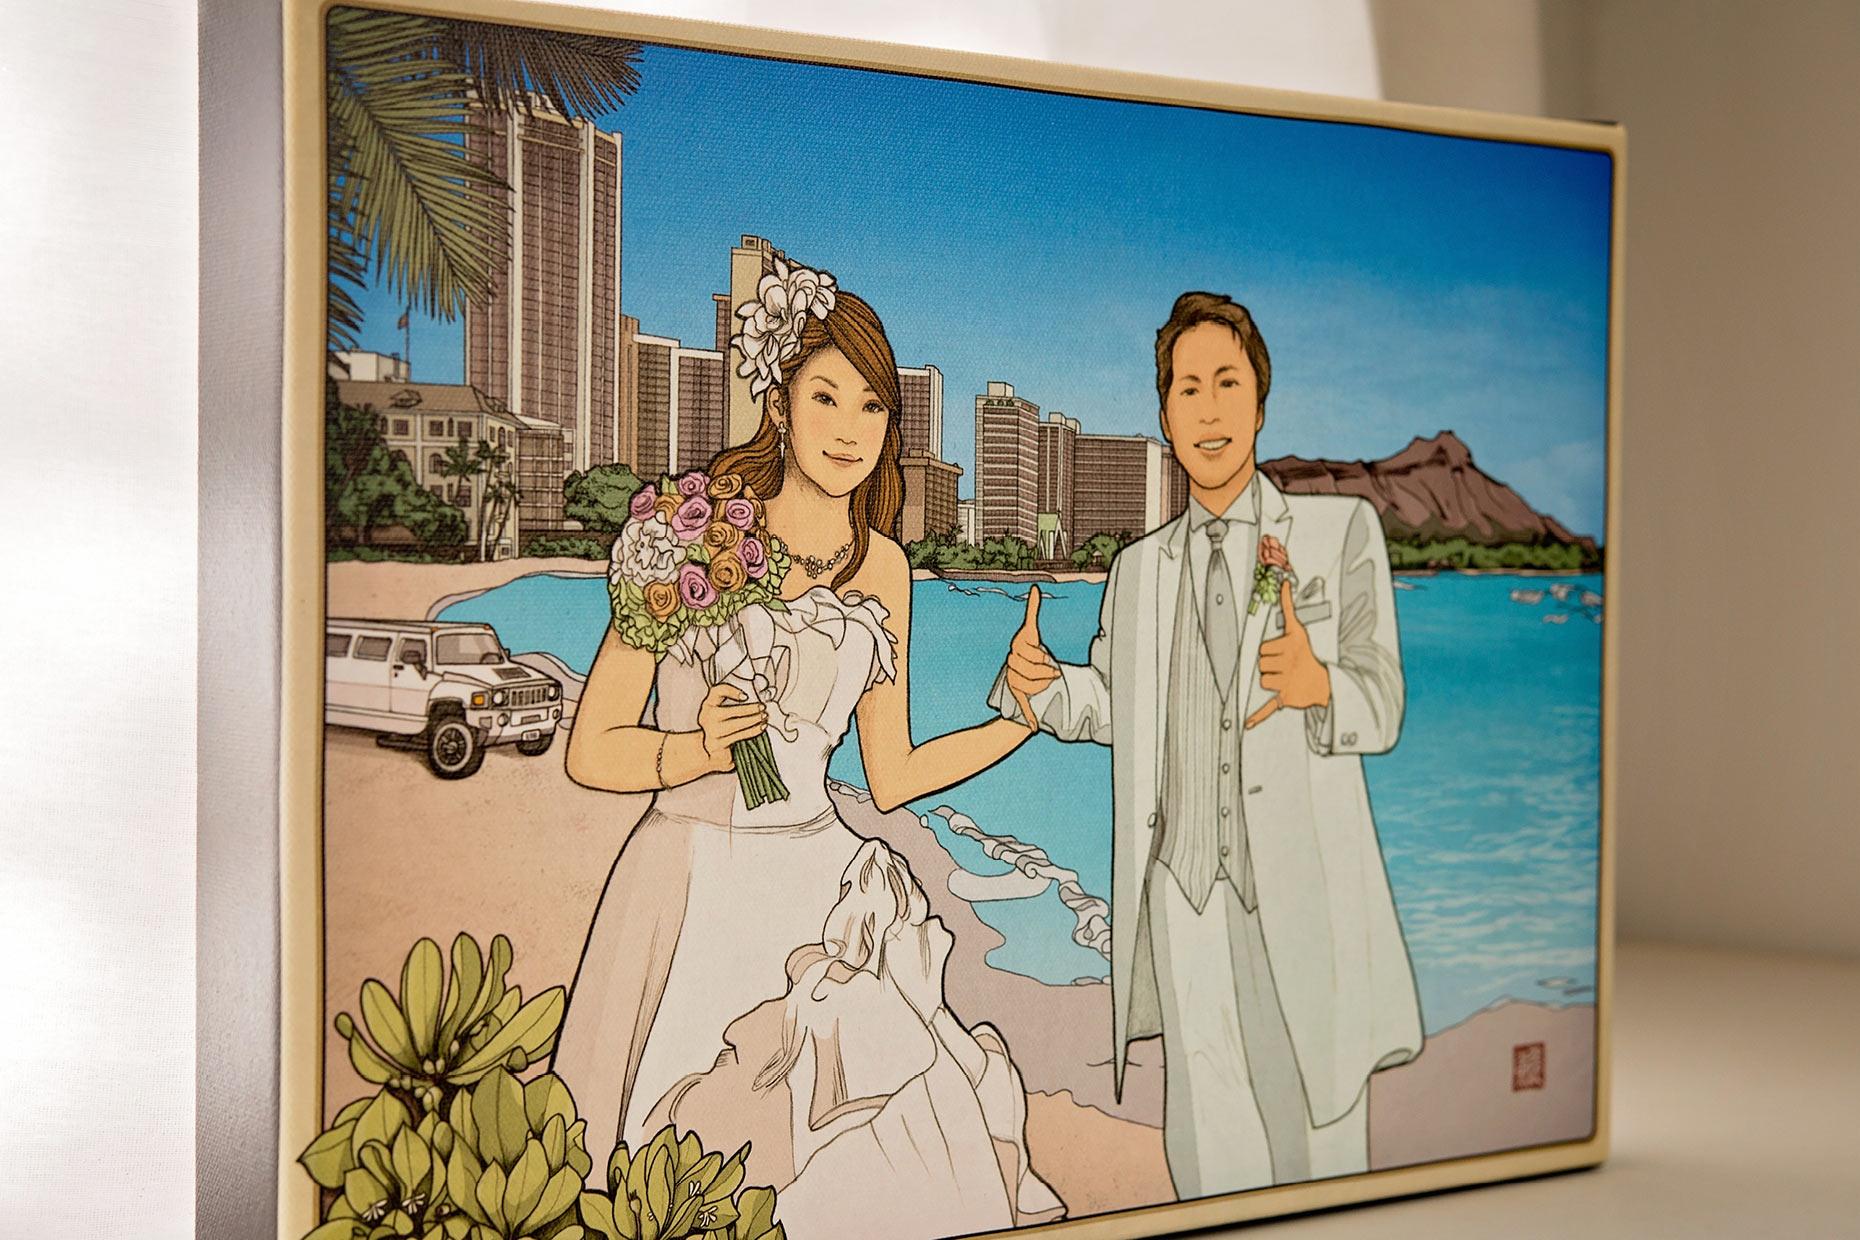 Hawaii wedding welcome board